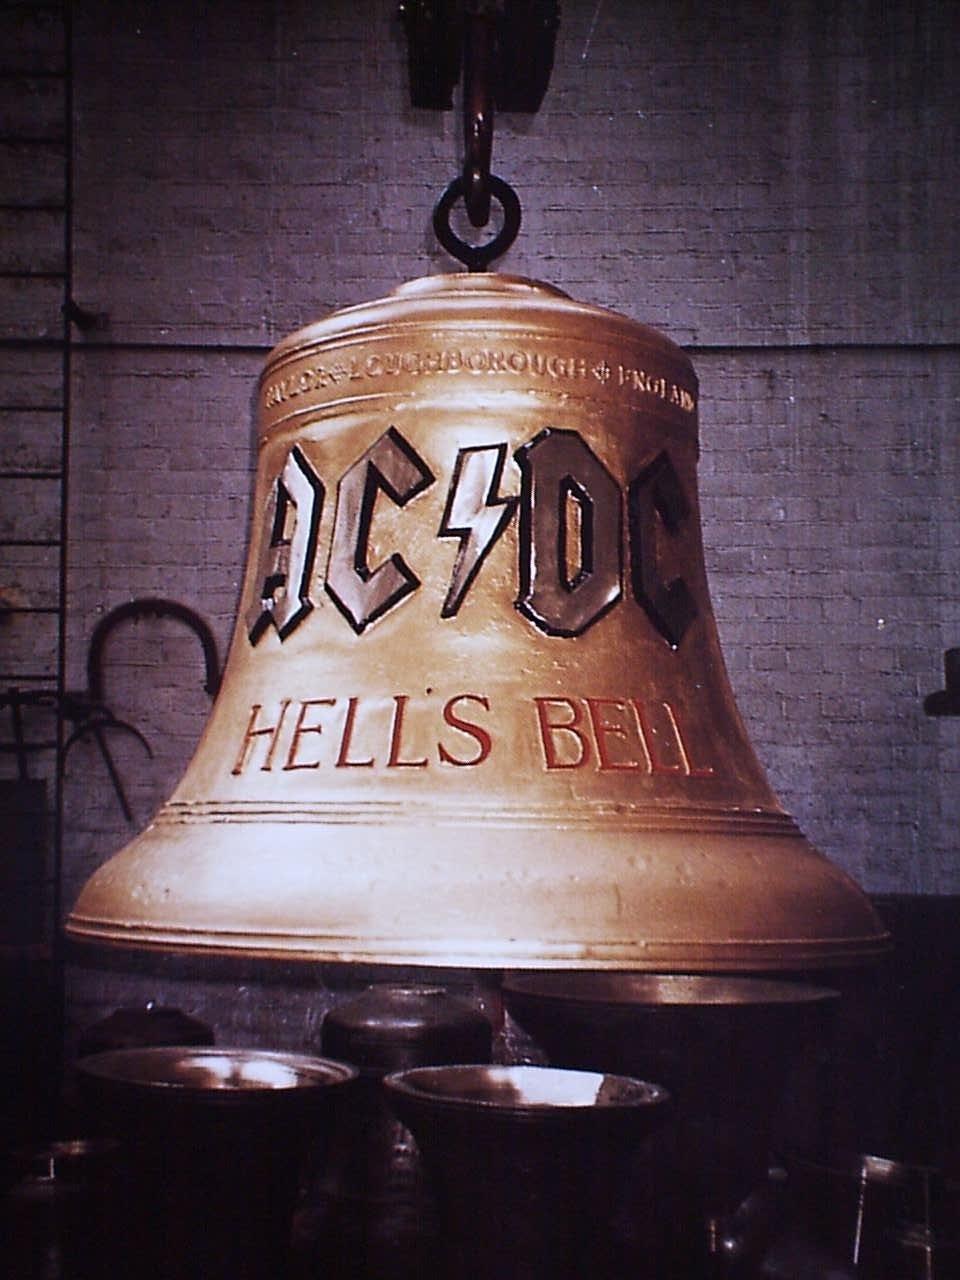 hells bell